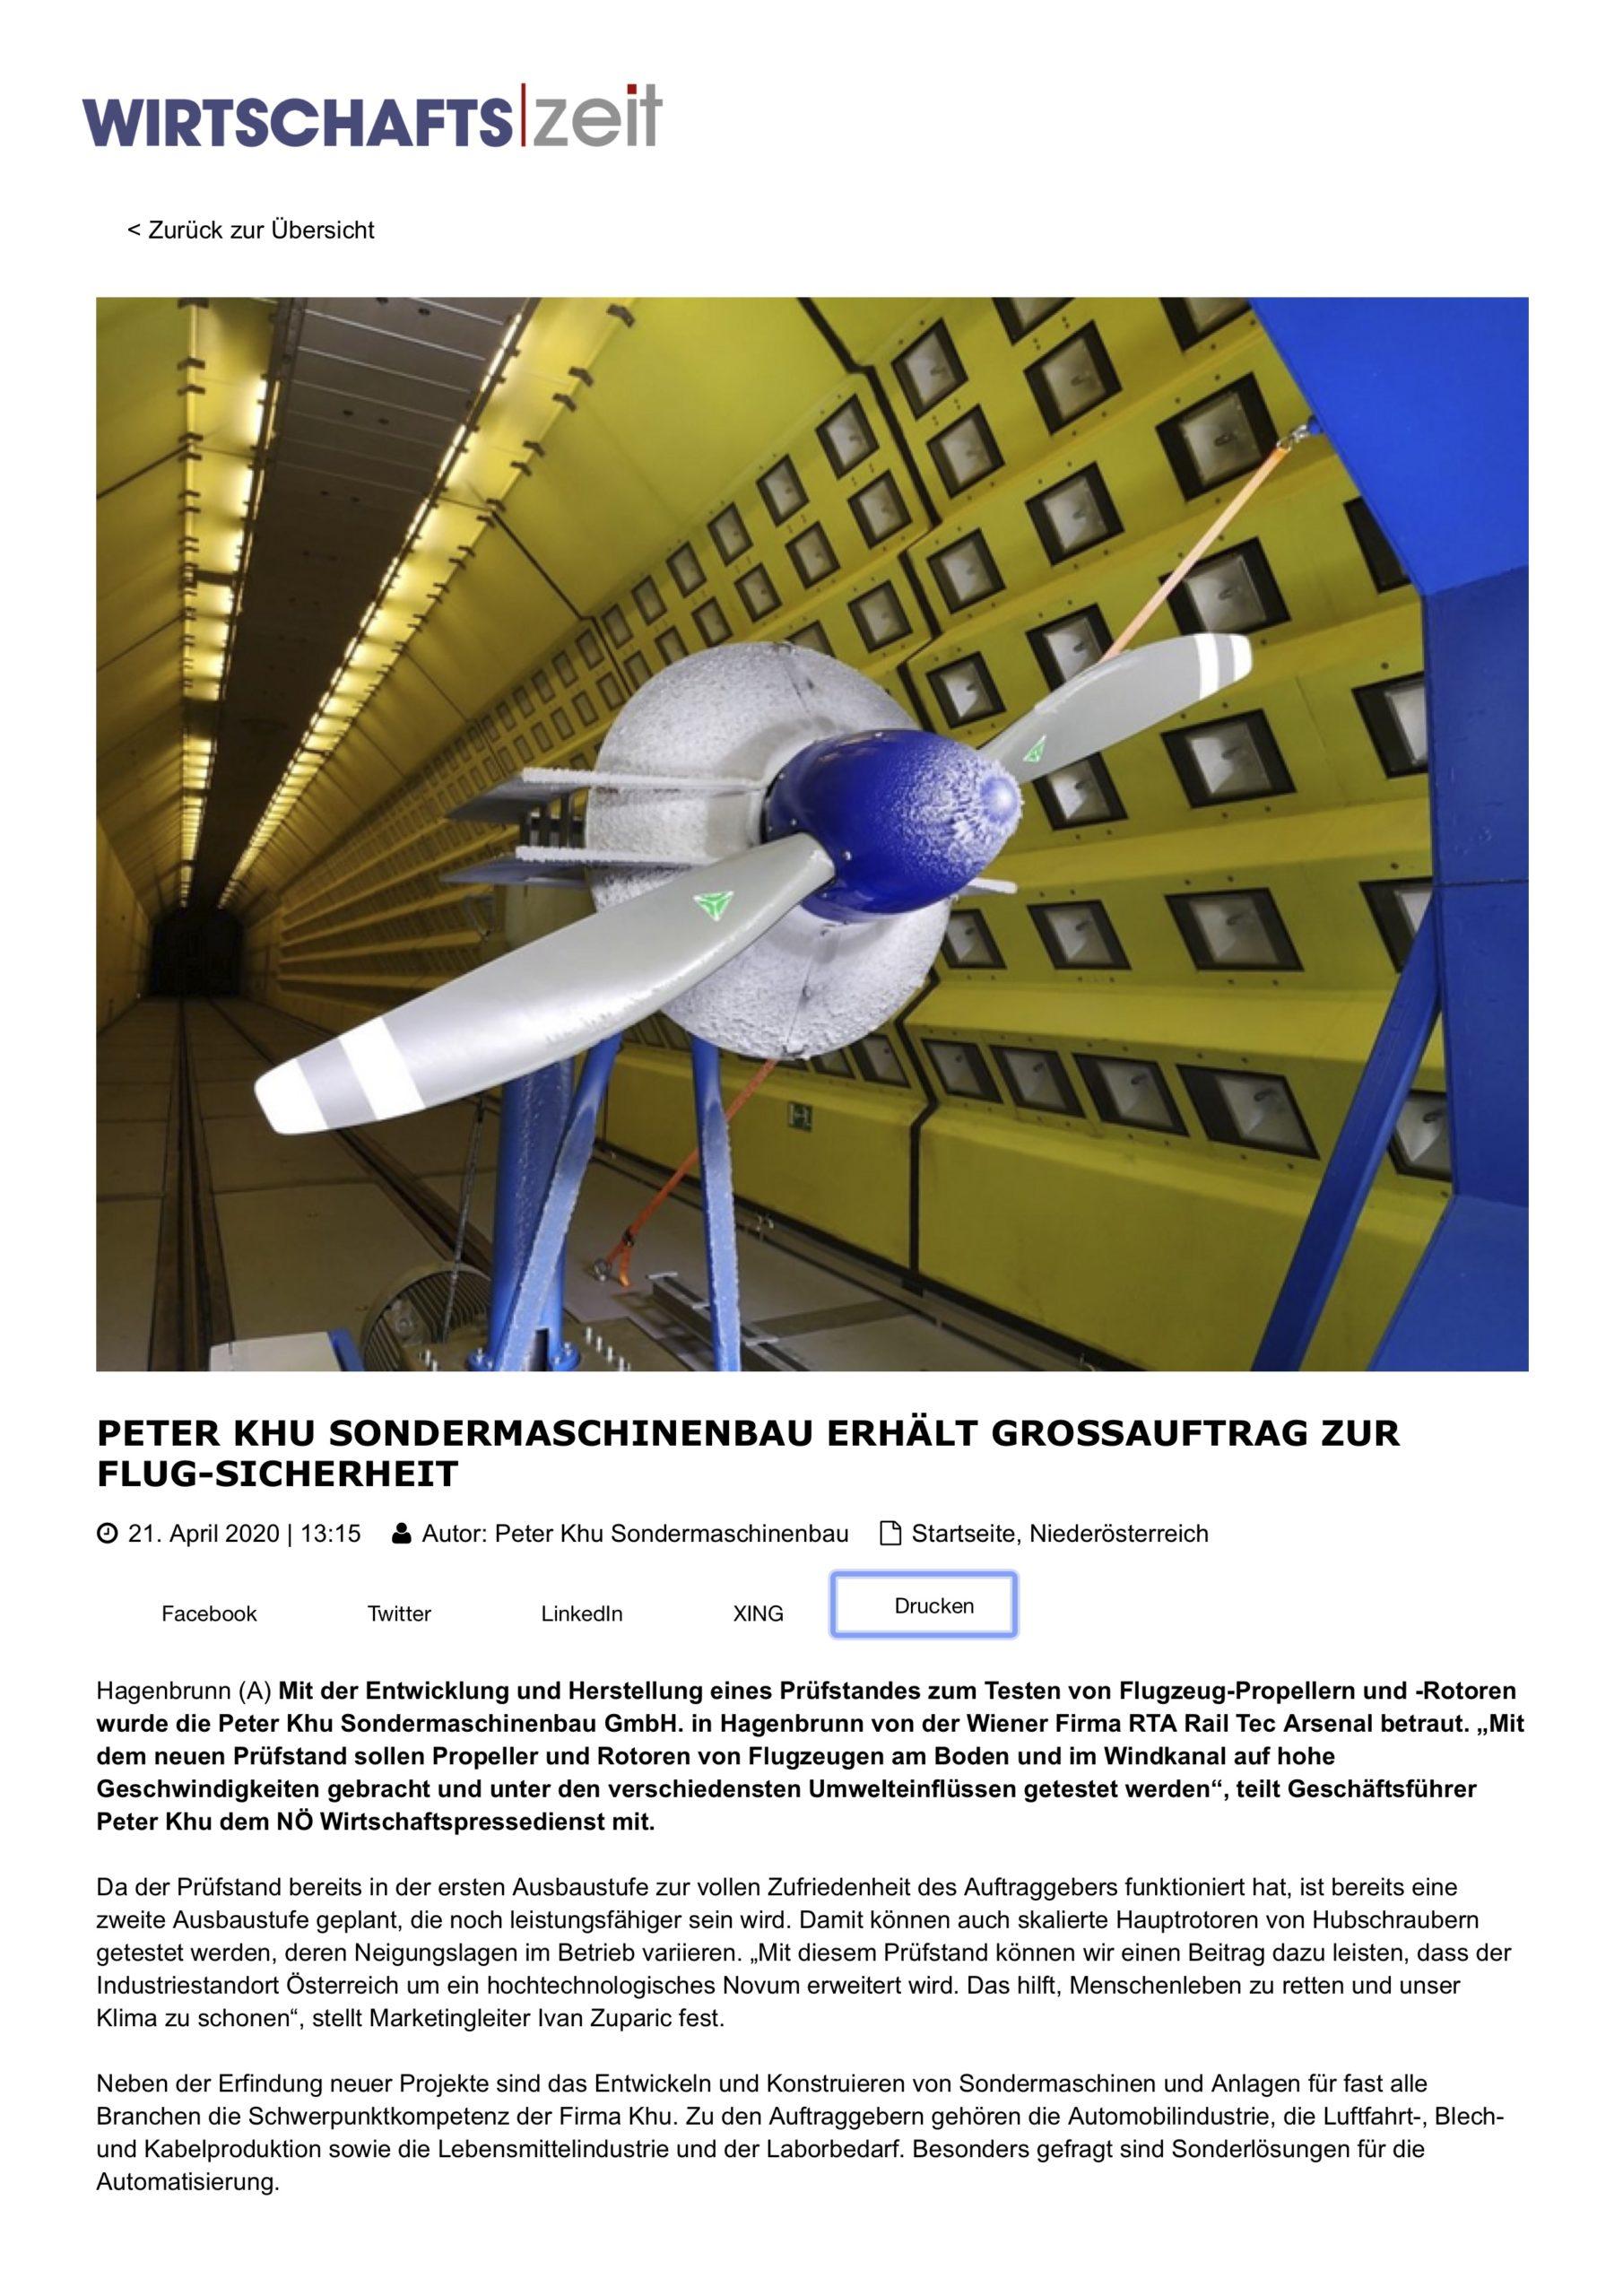 Wirtschaftszeit Pressemeldung KHU Propeller Prüfstand zur Flug-Sicherheit